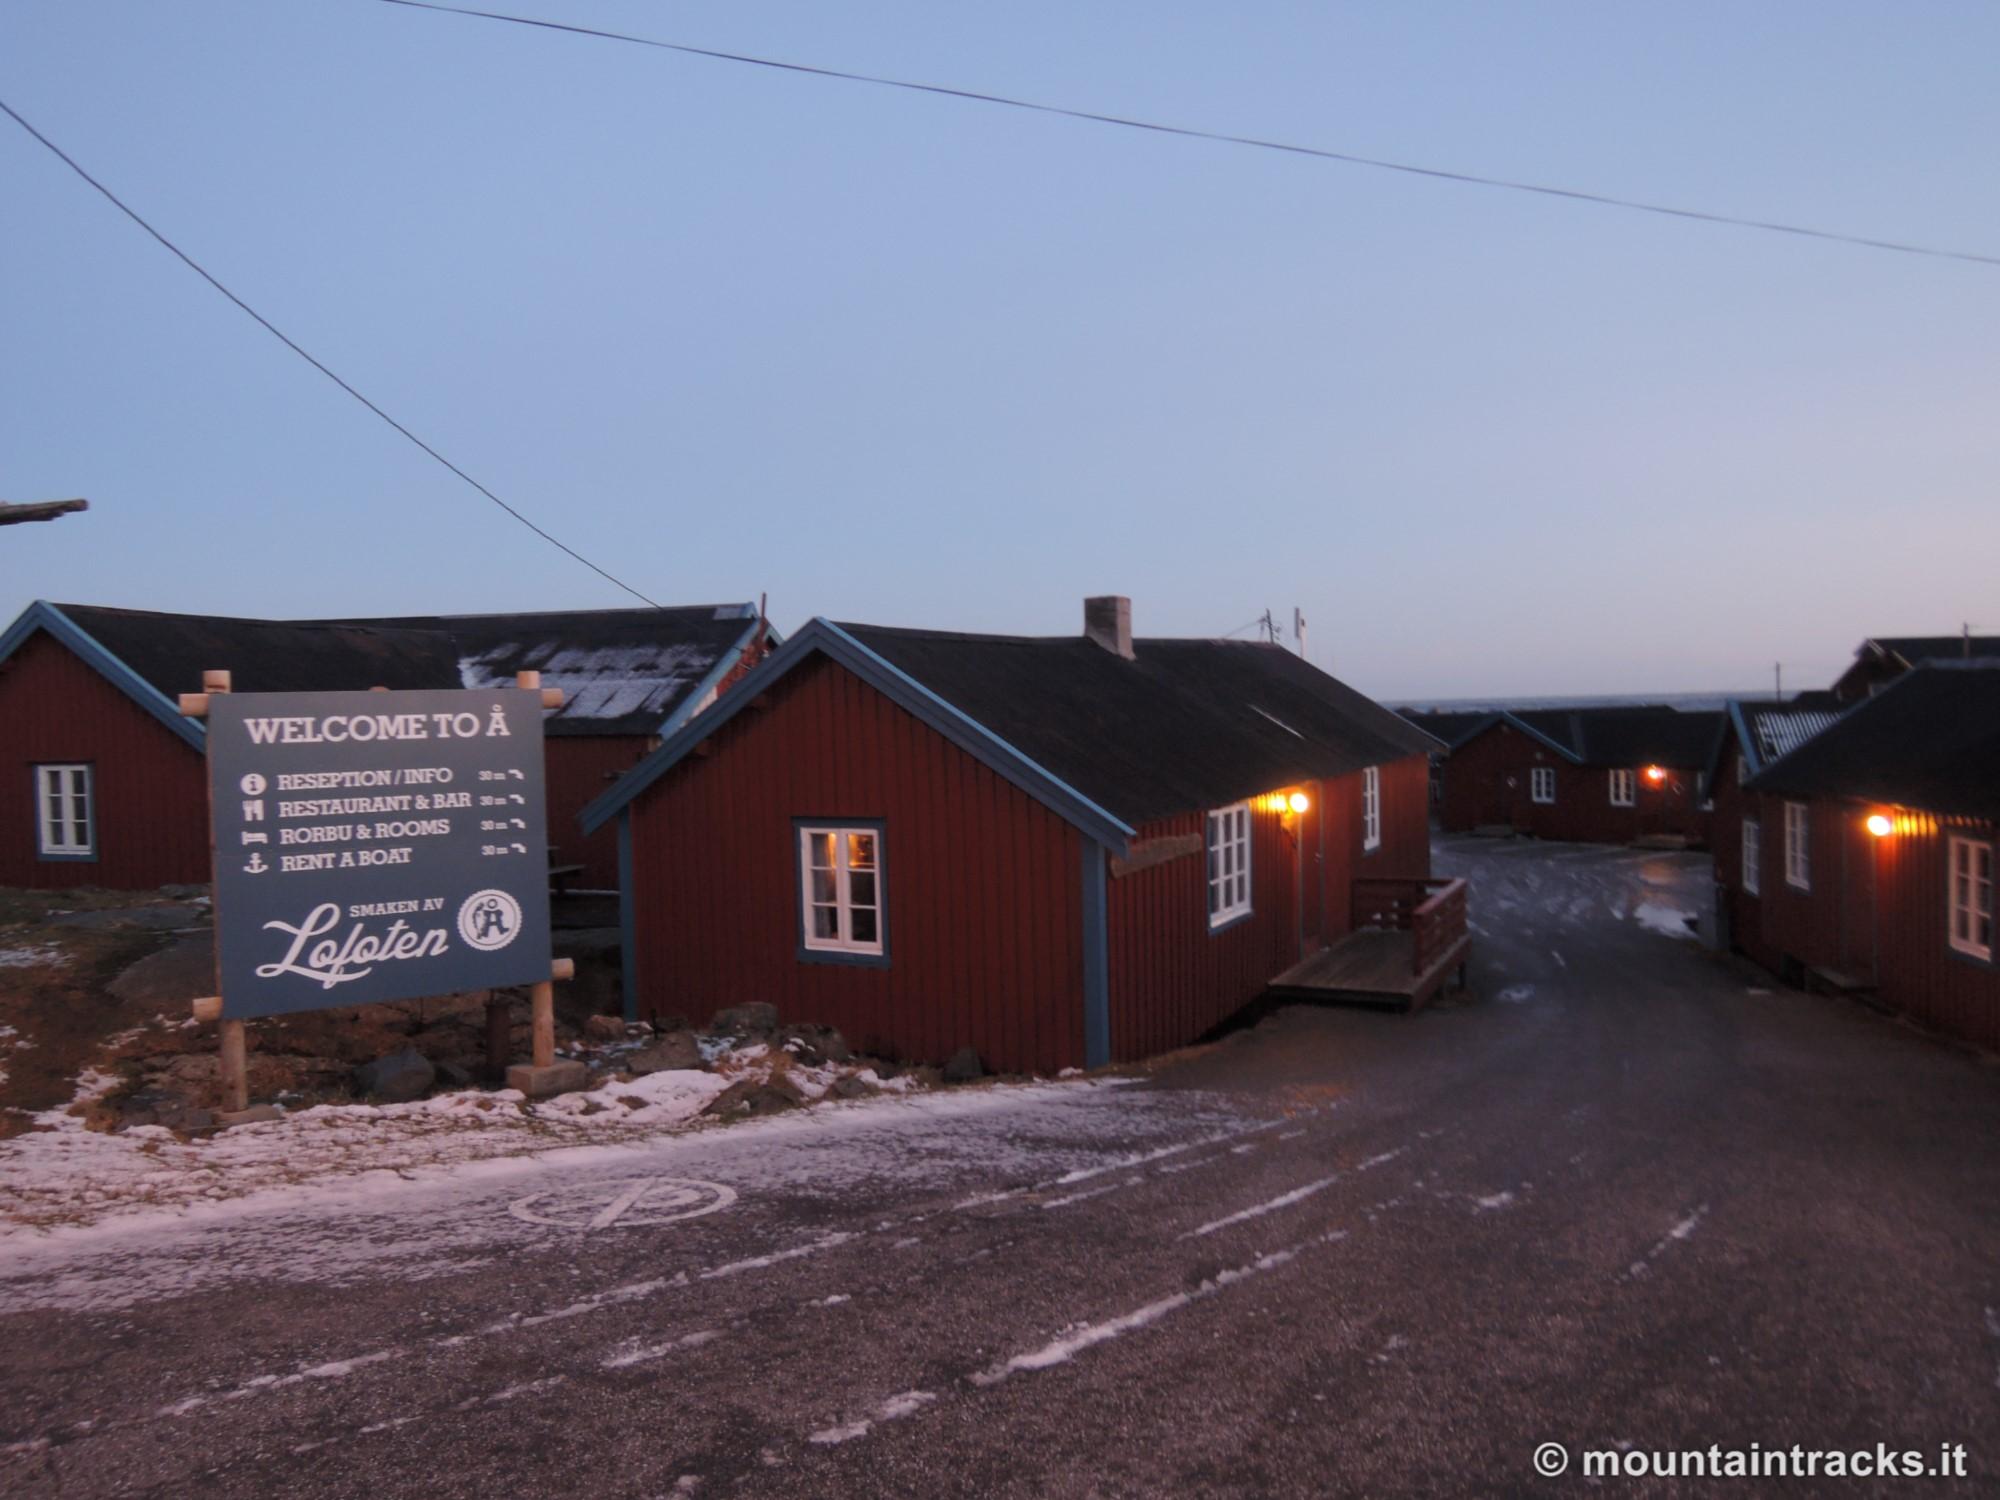 Å i Lofoten village